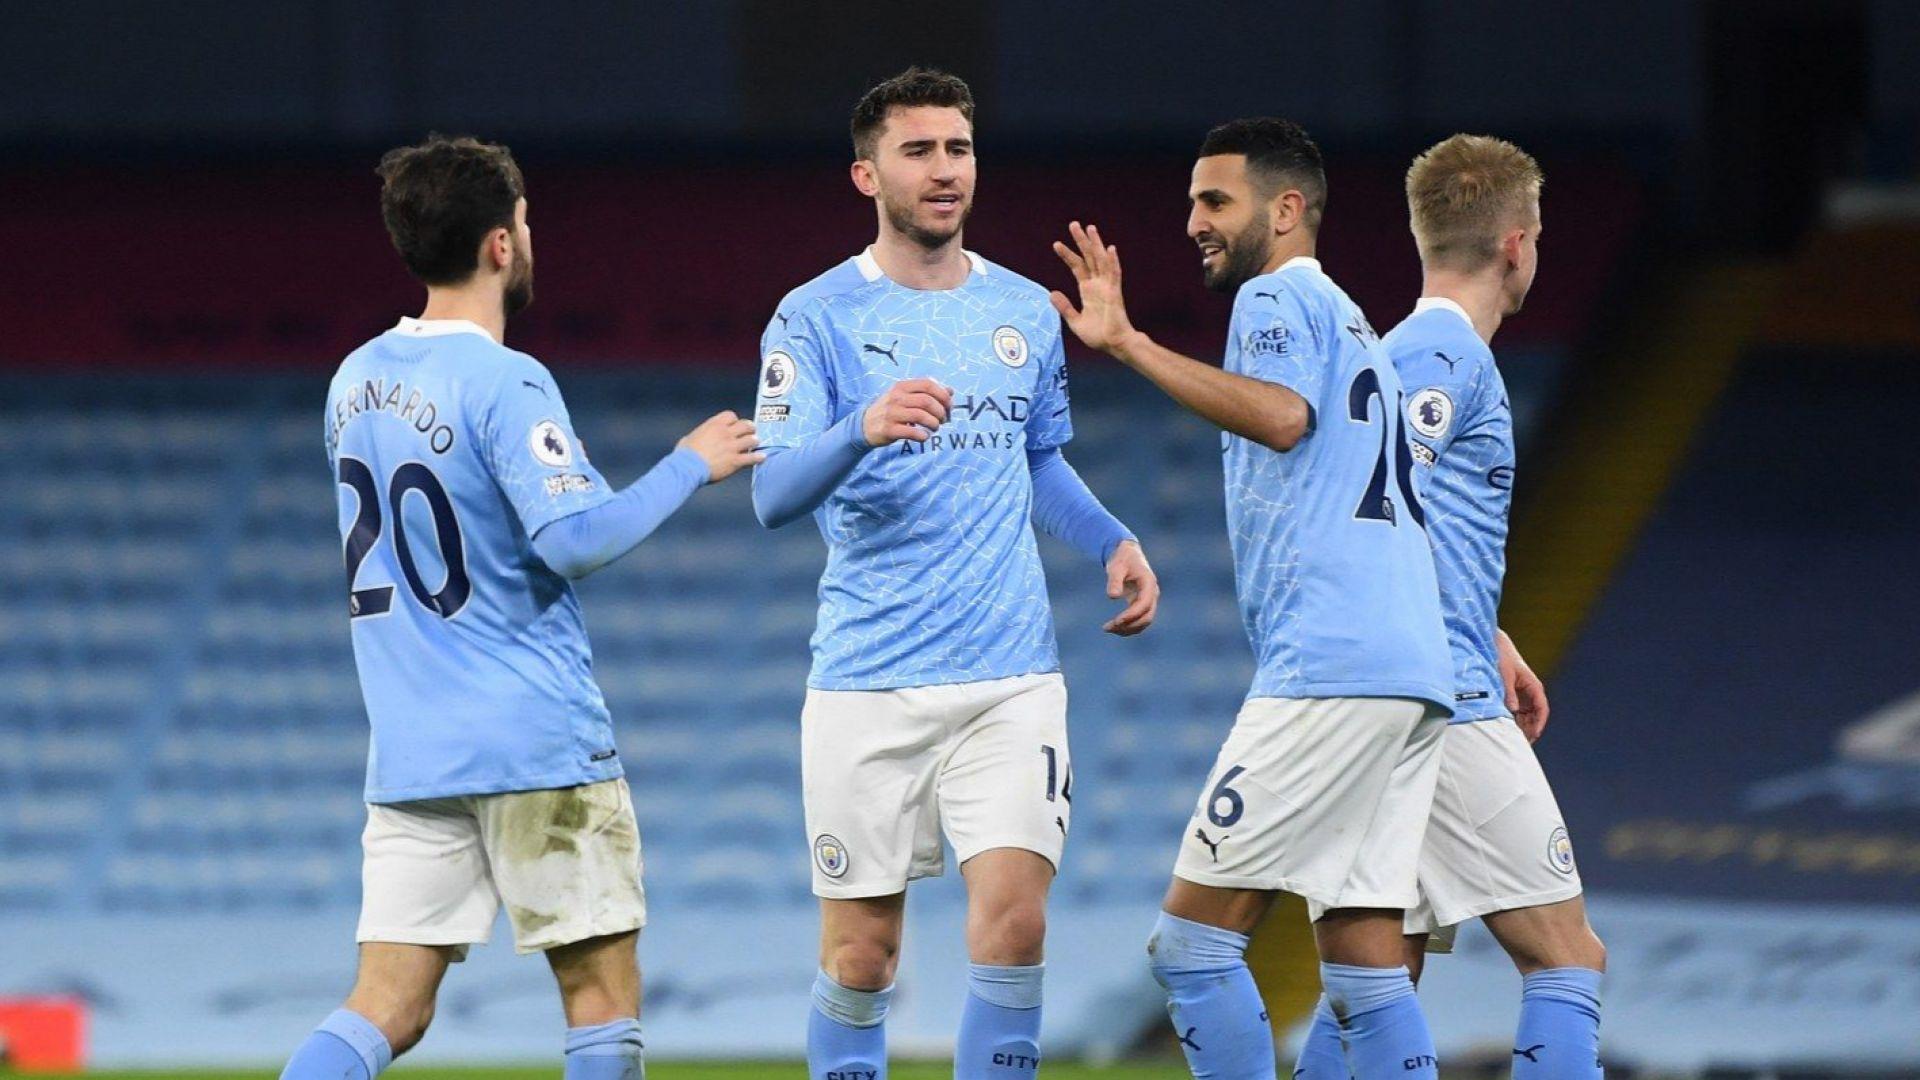 Сити се позабавлява в мач със 7 гола и пак дръпна на върха